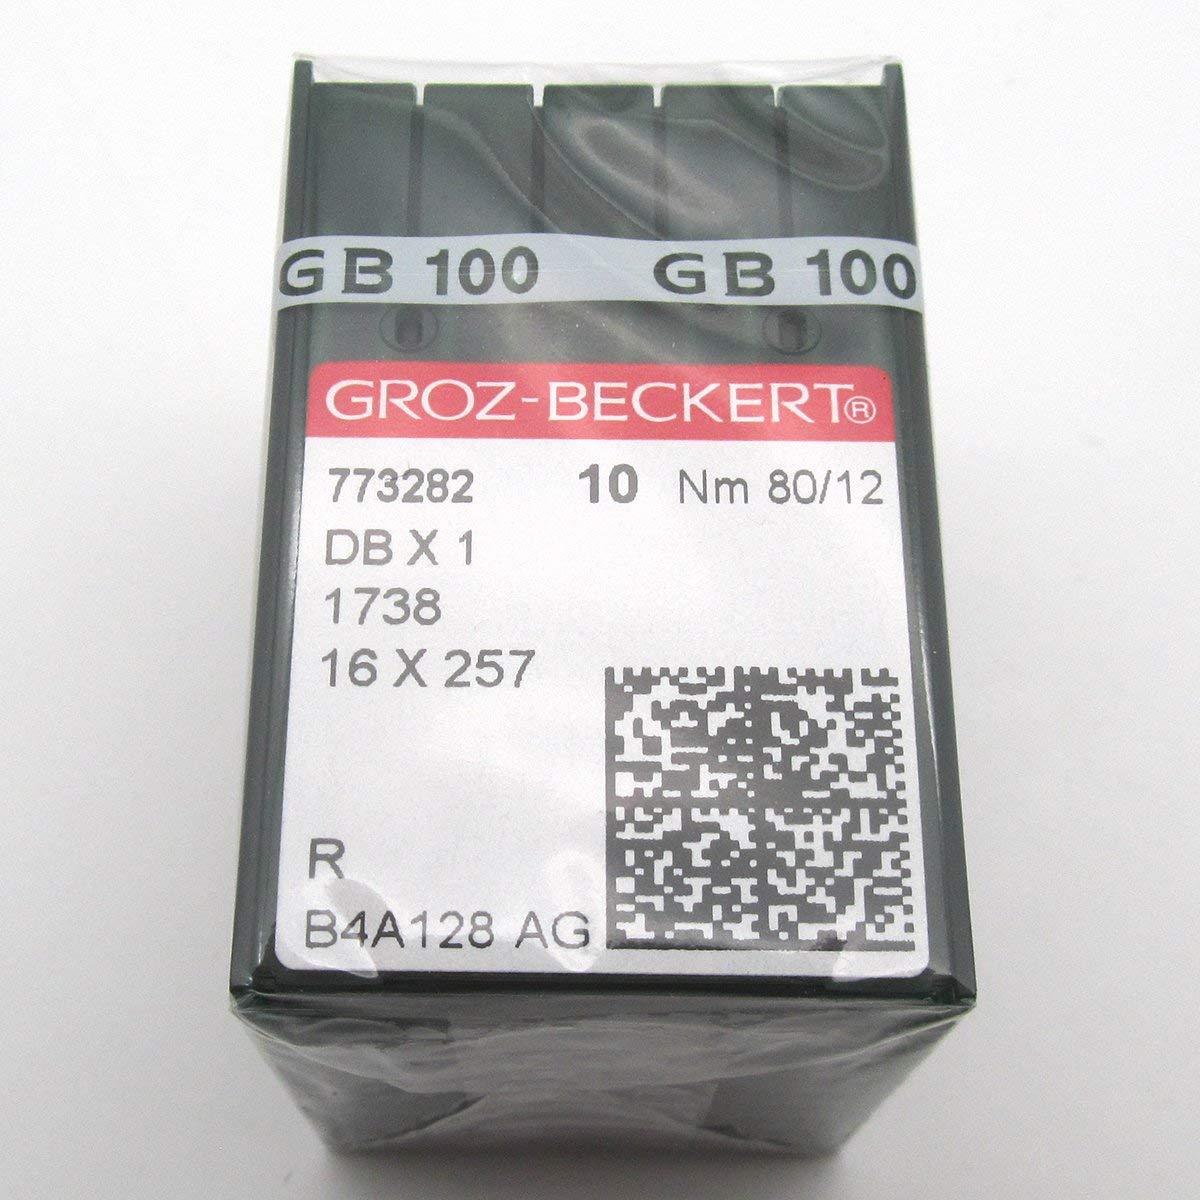 ckpsms GROZ-BECKERT Needle - 100PCS Groz Beckert DBX1 1738 16X257 Sewing Machine Needles (Groz Beckert DBX1 14/90) by ckpsms